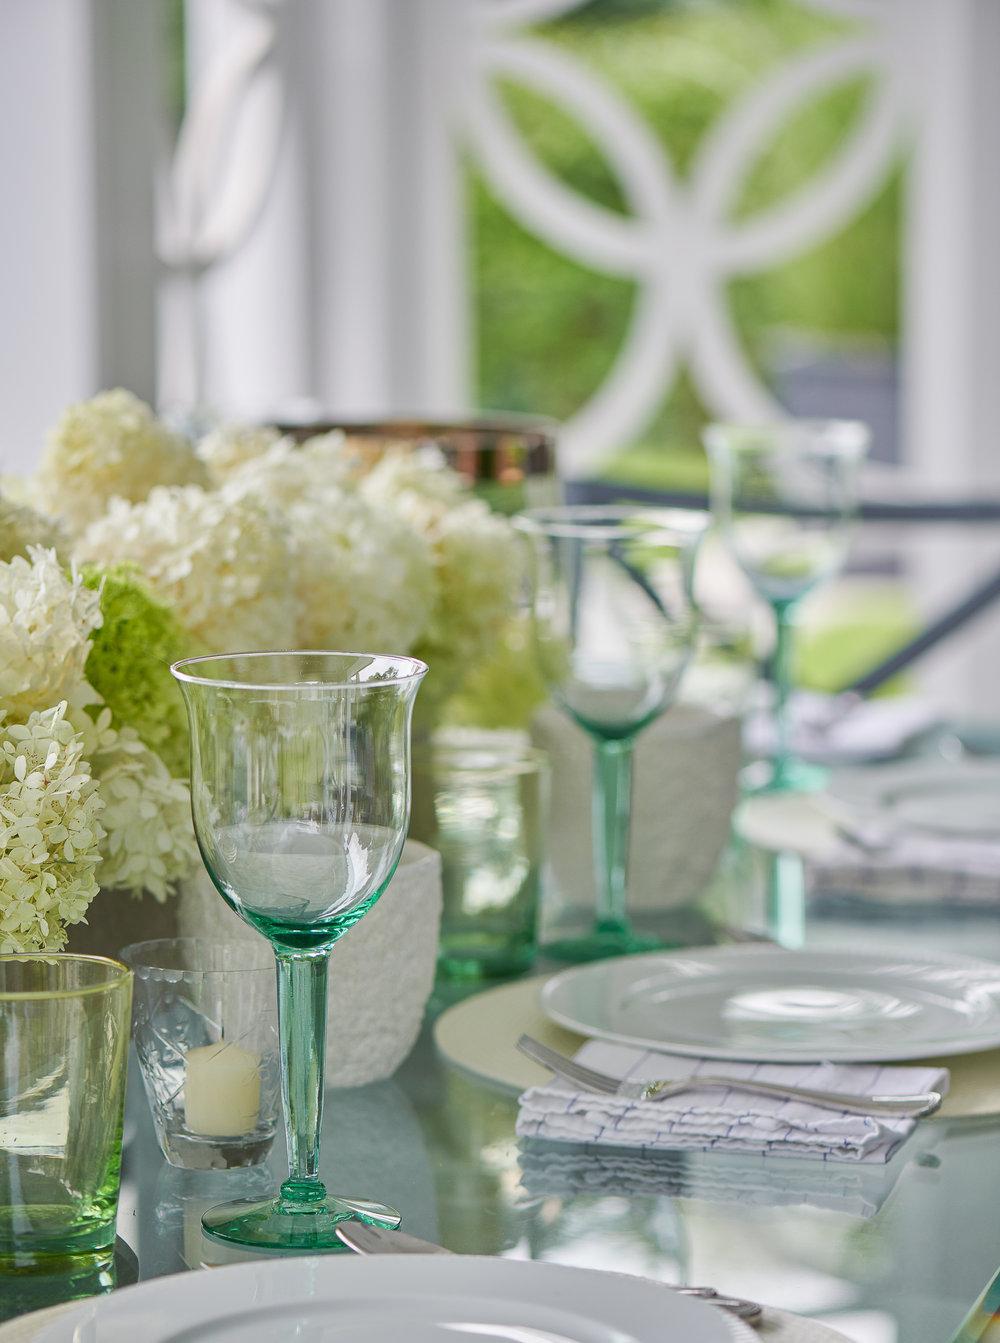 Hilderbrand-Interiors_Poolhouse-New-canaan-tabletop-©Jane Beiles-1808175020.jpg